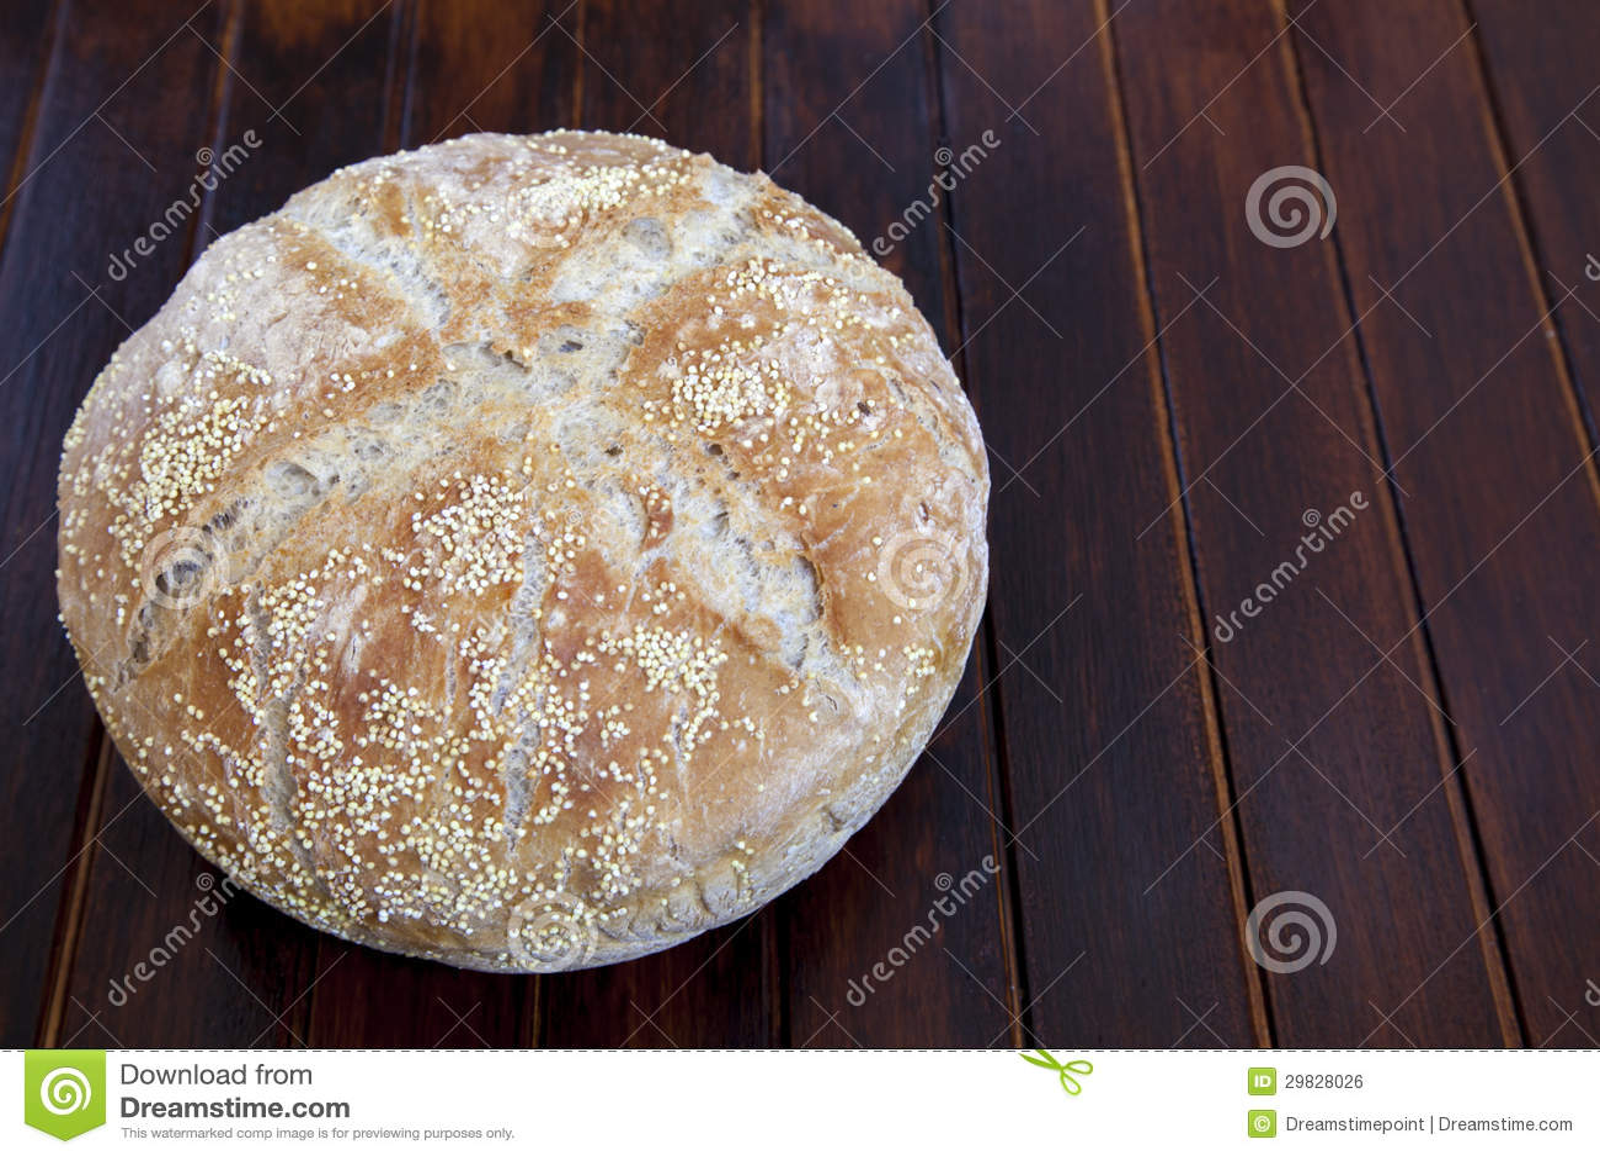 Pão orgânico com várias sementes